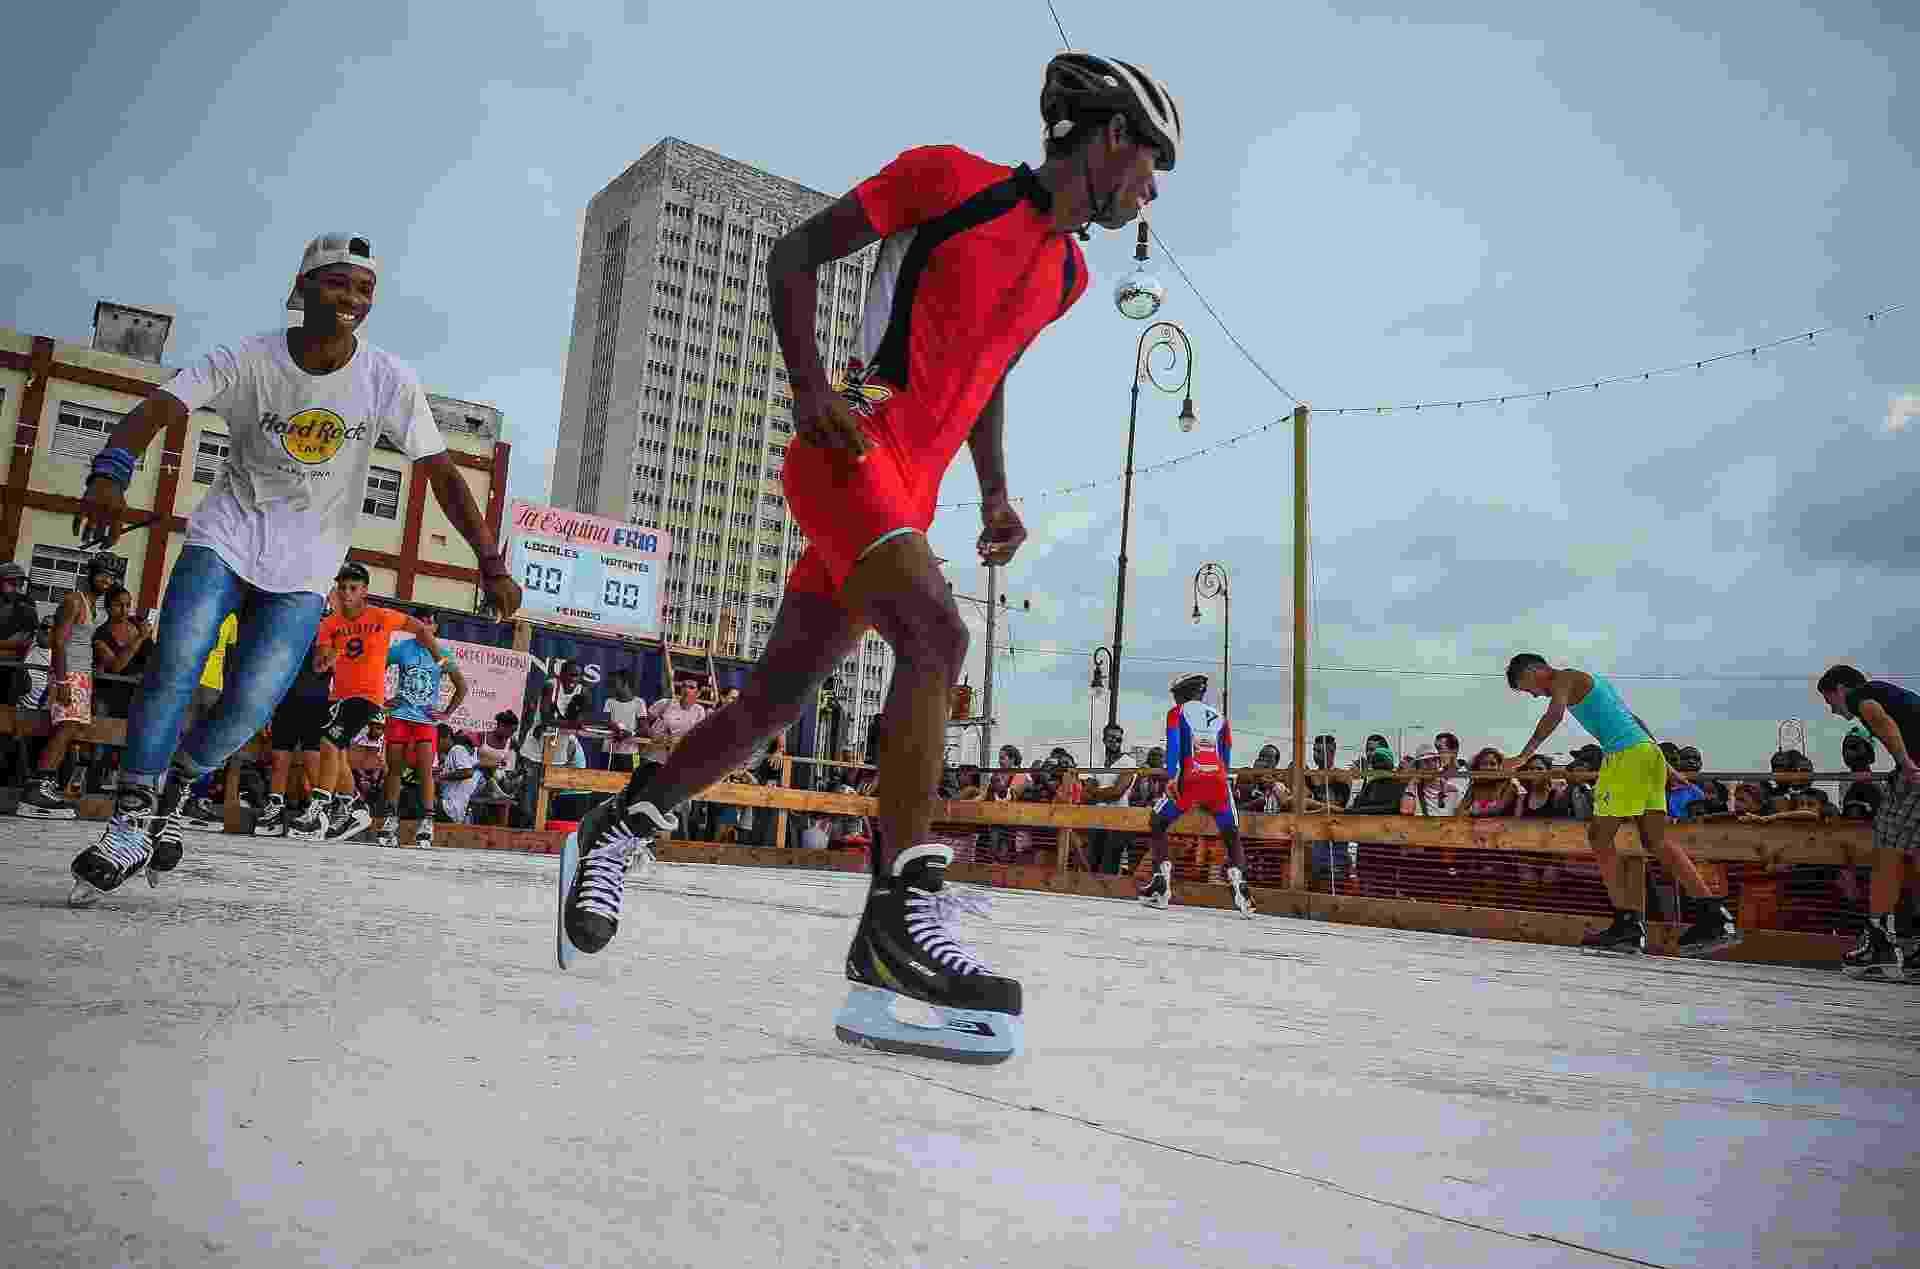 24.mai.2015 - Artista americano Duke Riley cria pista de patição no gelo em Havana para 12ª Bienal de Arte da capital cubana - YAMIL LAGE/AFP